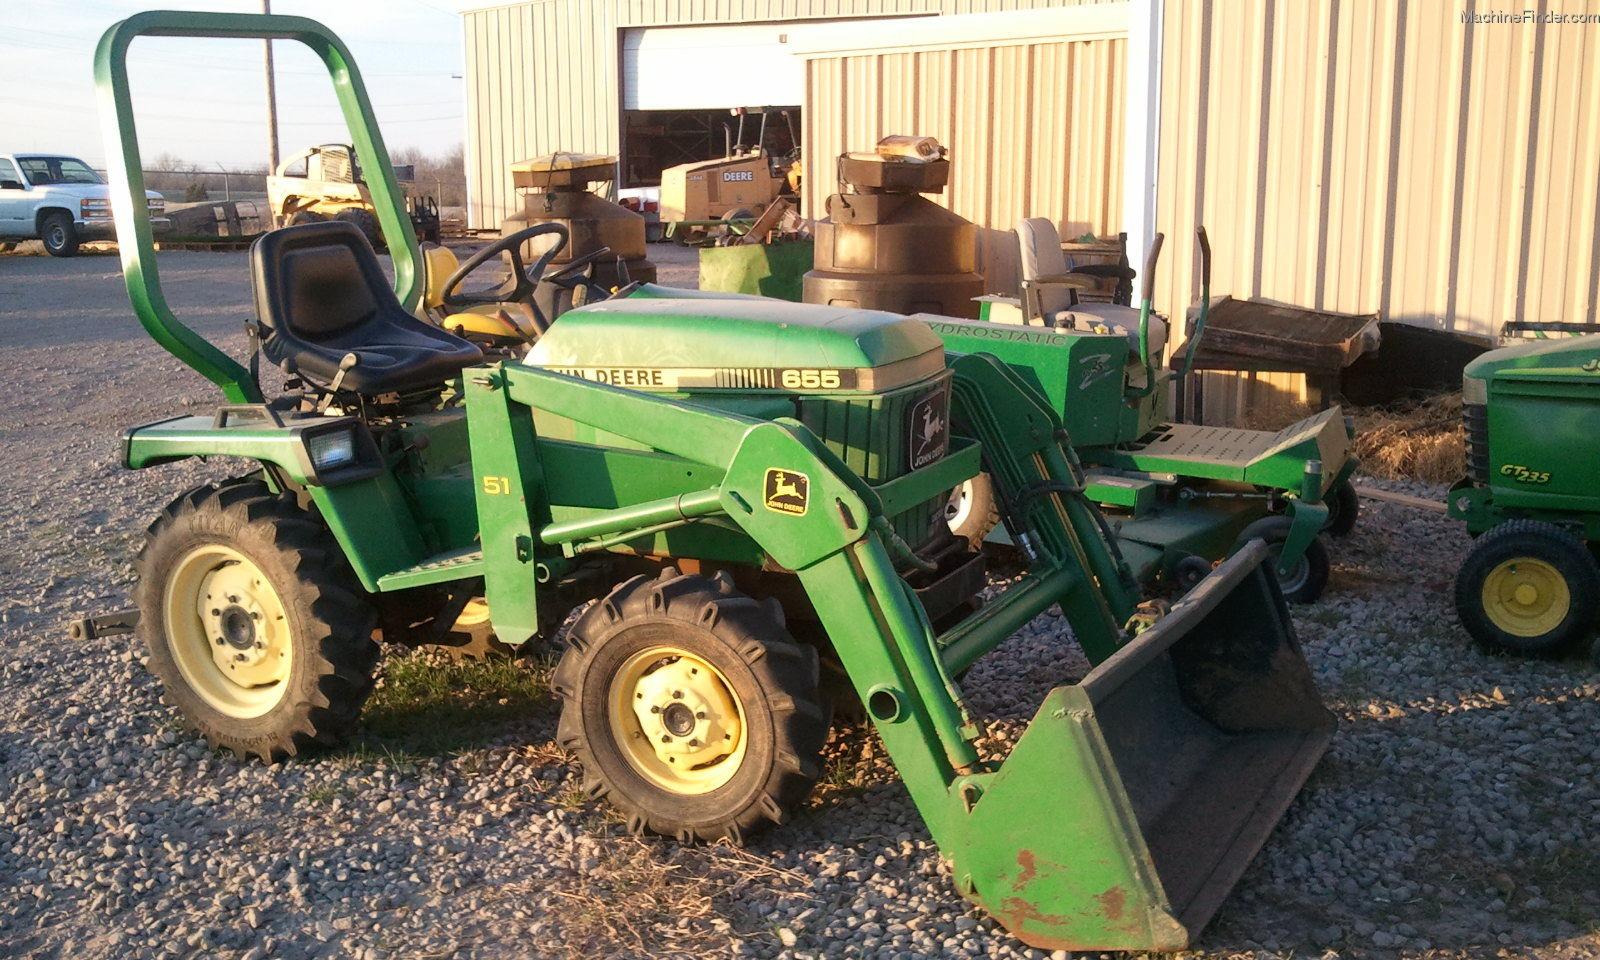 1986 John Deere 655 Tractors - Compact (1-40hp.) -